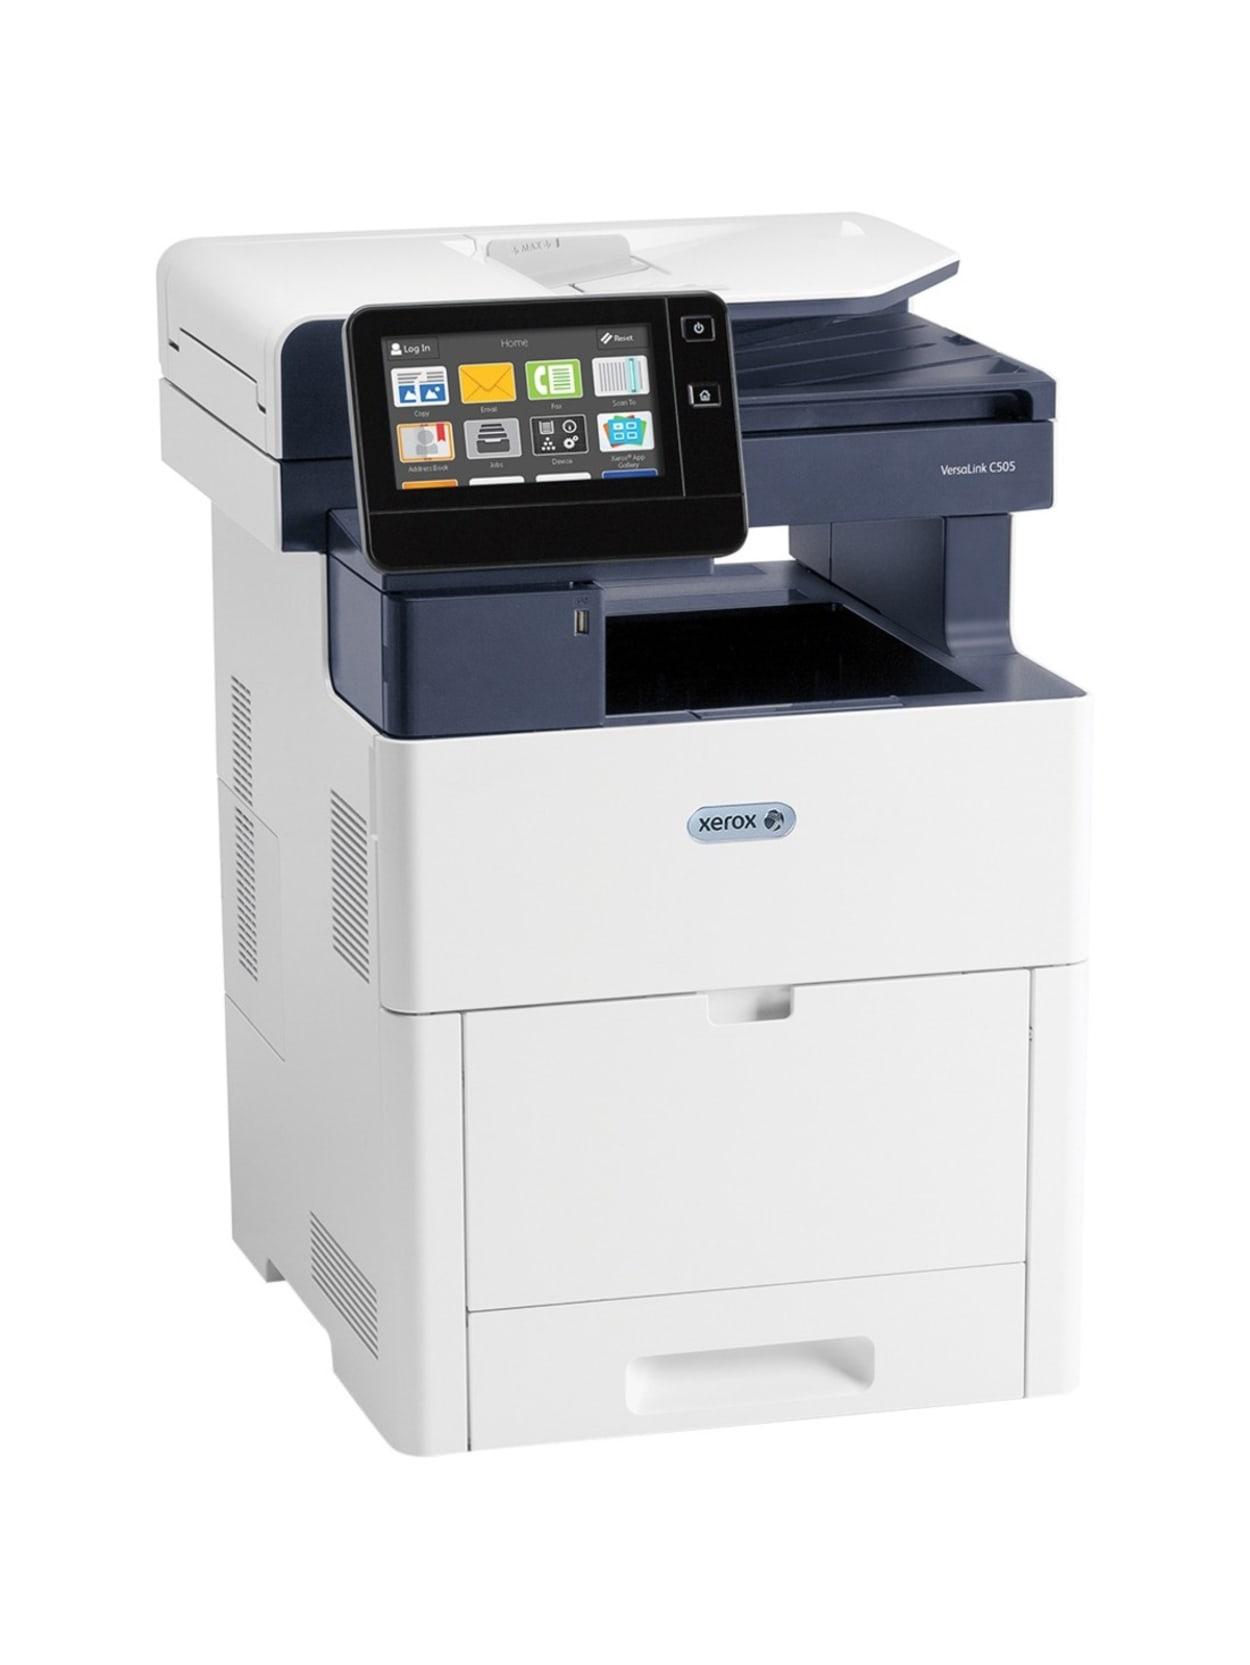 Printer C505 Color Multifunction 110v